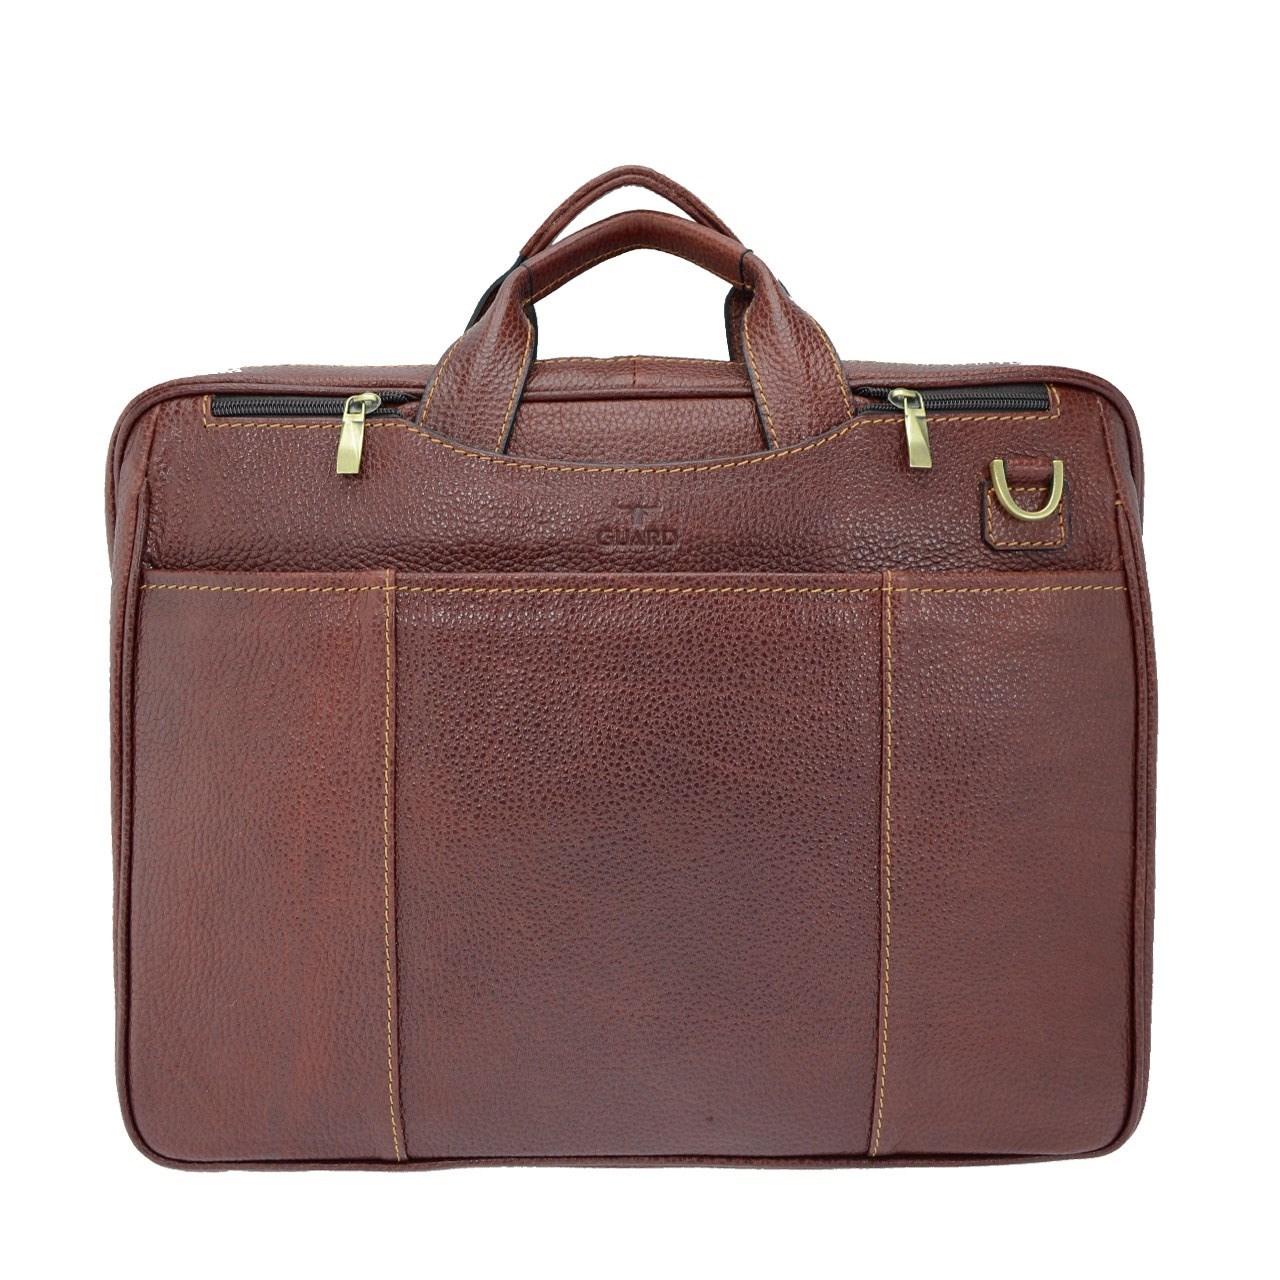 قیمت کیف اداری گارد مدل MML کد 11211